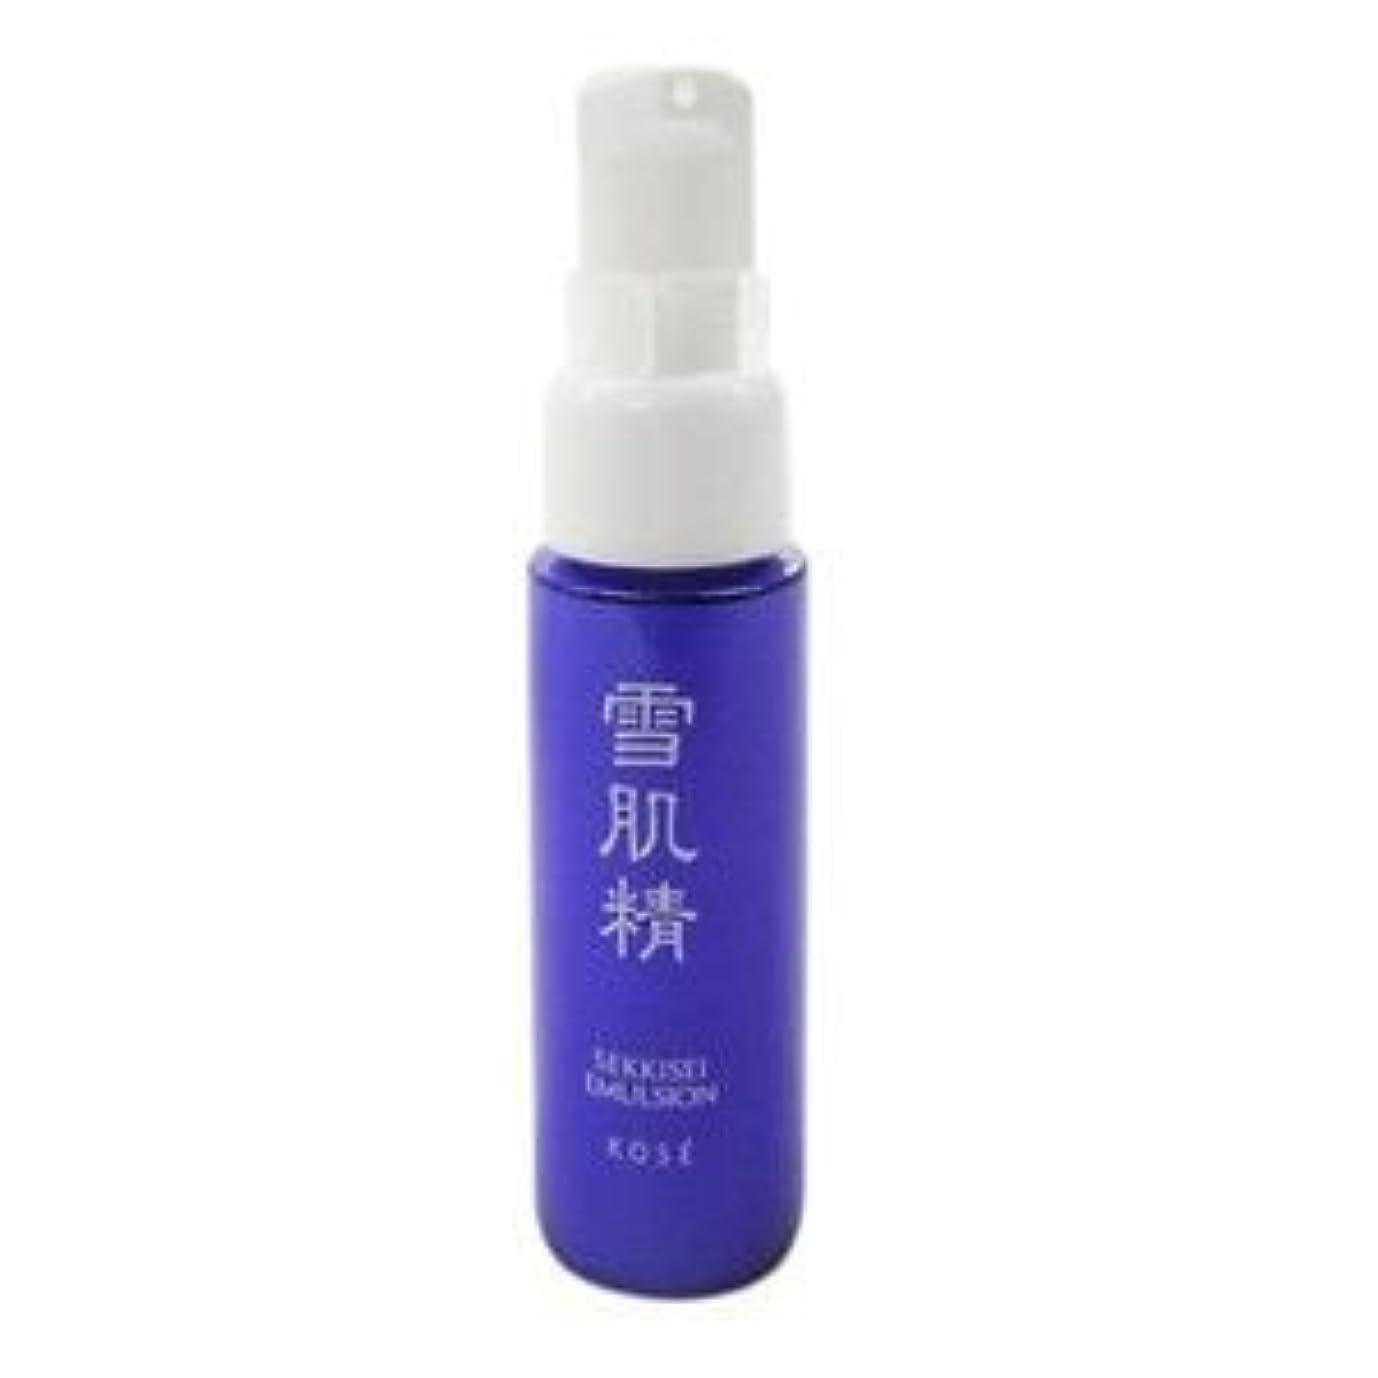 シットコム悔い改める節約するコーセー 雪肌精 乳液 20ml(ミニ)